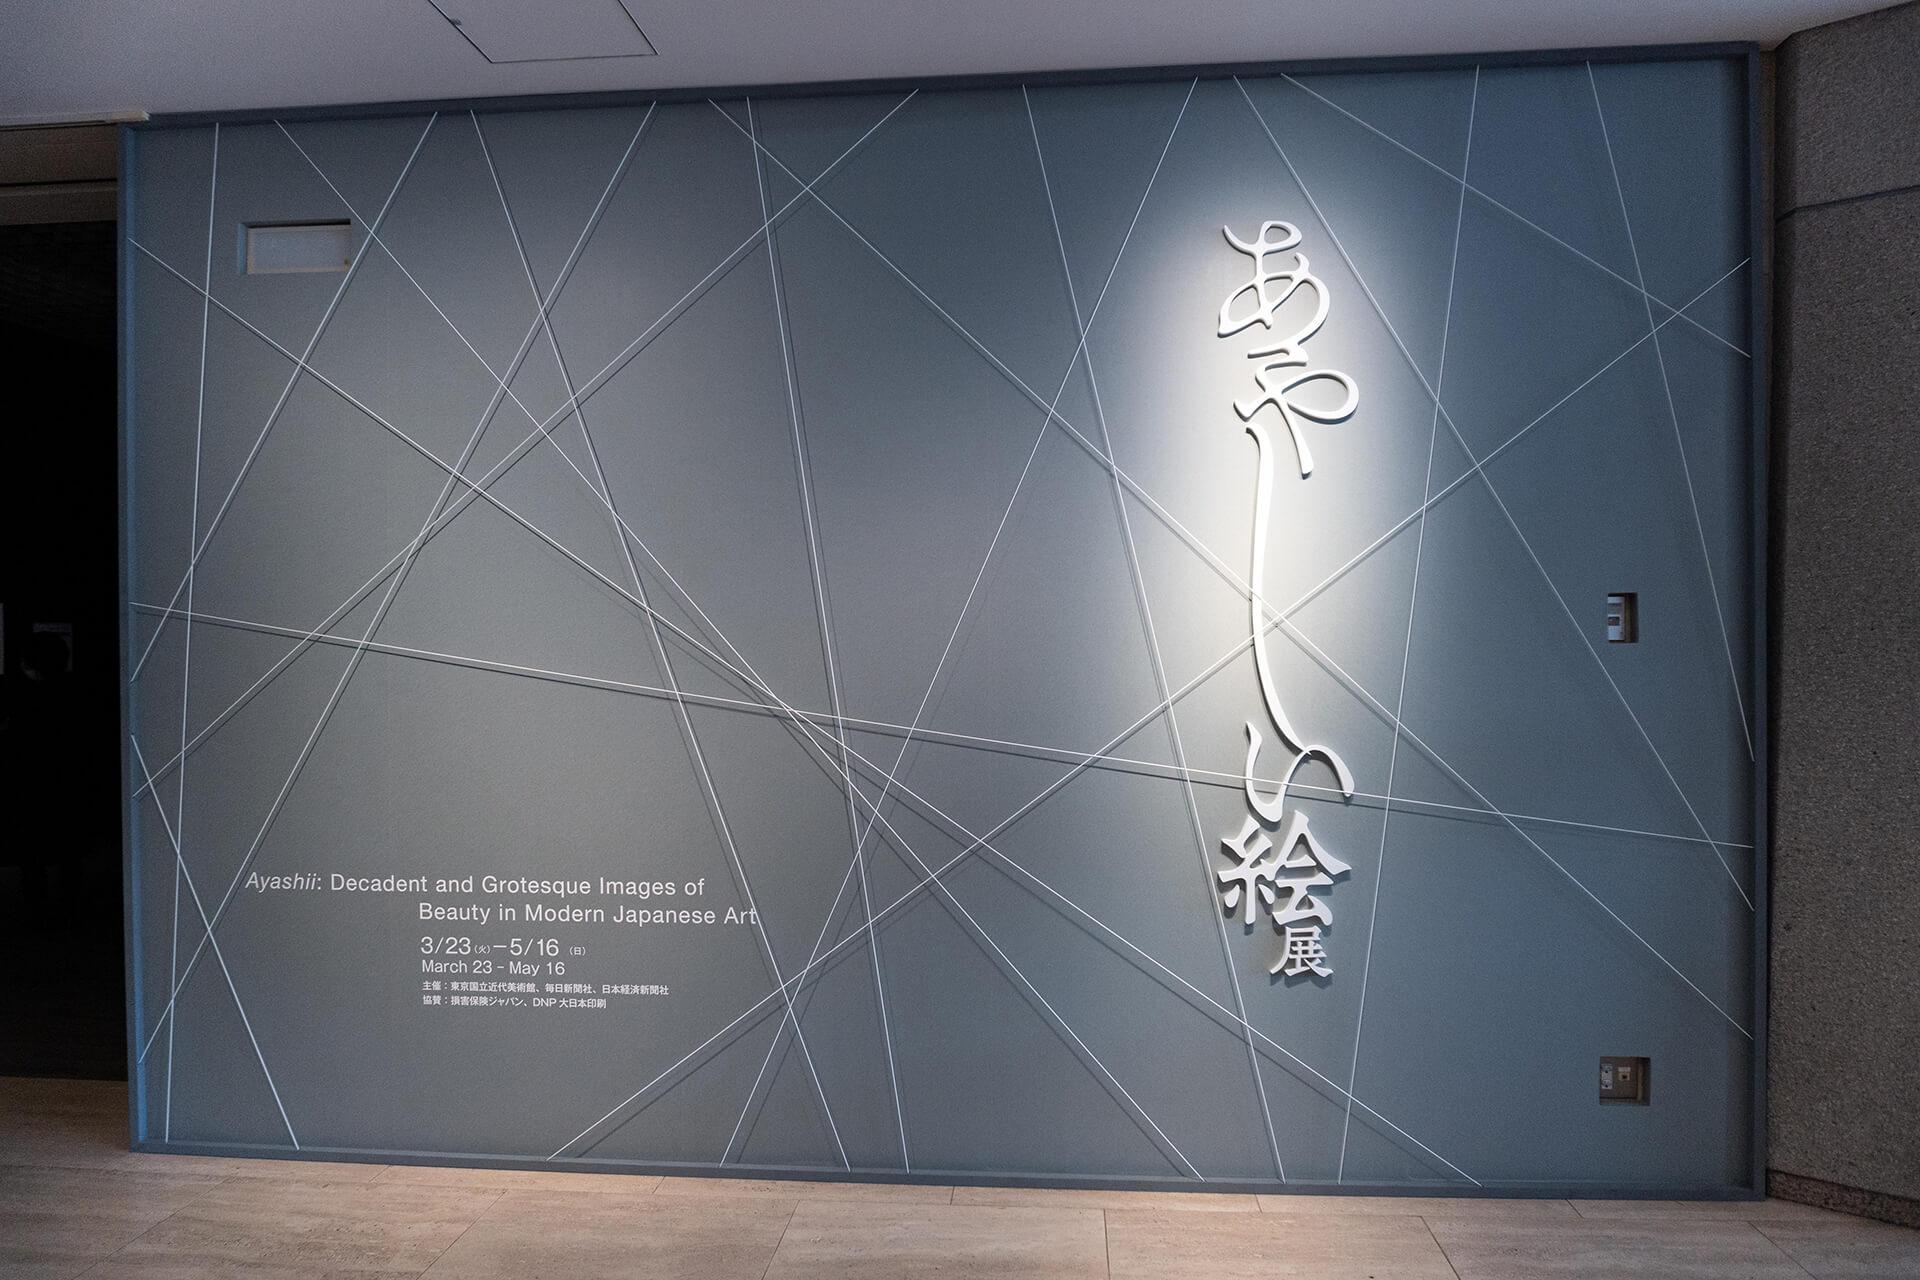 国立近代美術館「あやしい絵展」